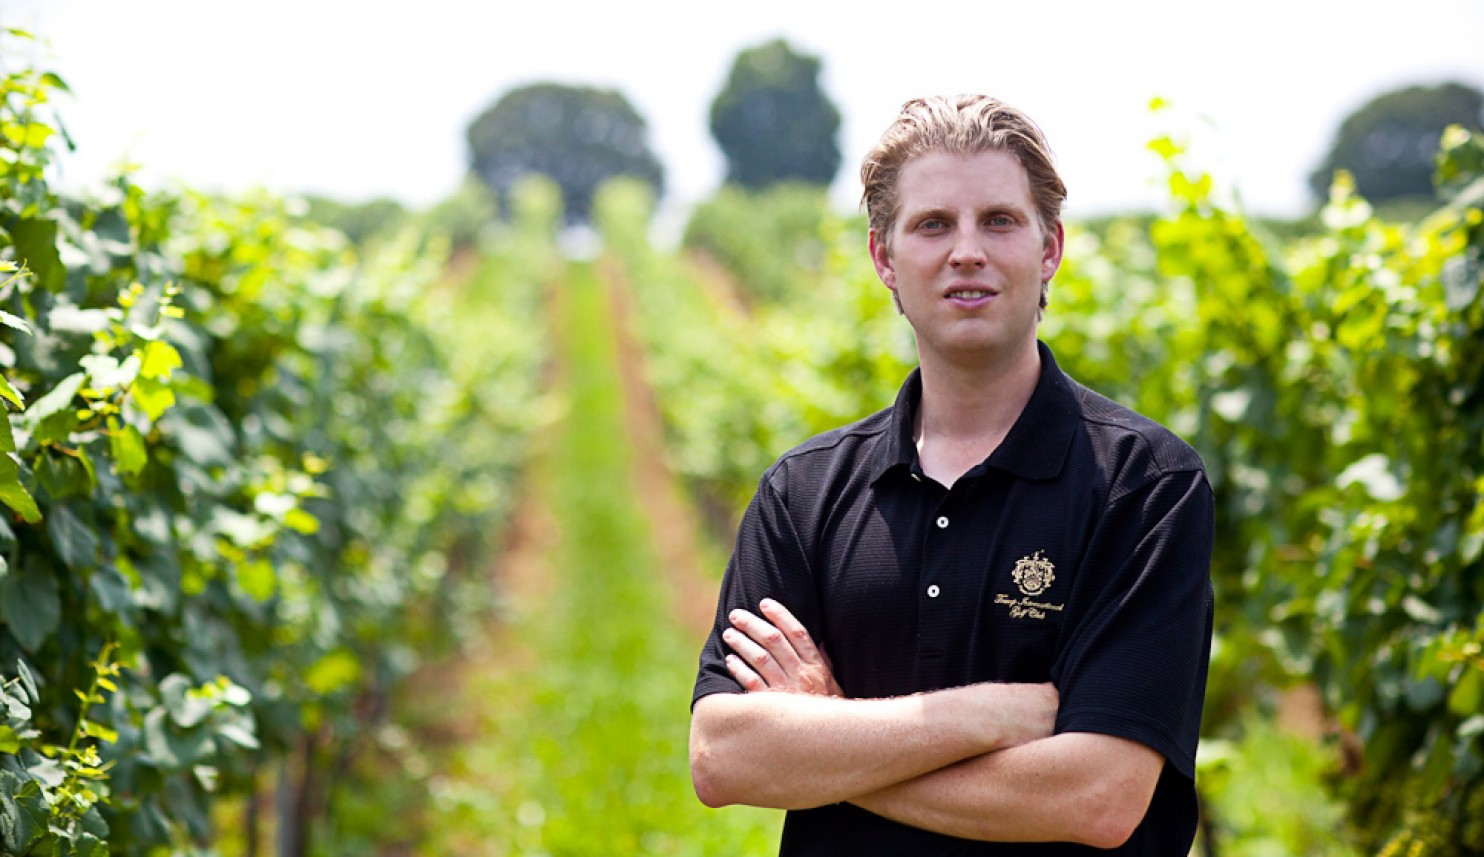 Hijo de Trump solicita inmigrantes para cultivar sus viñedos